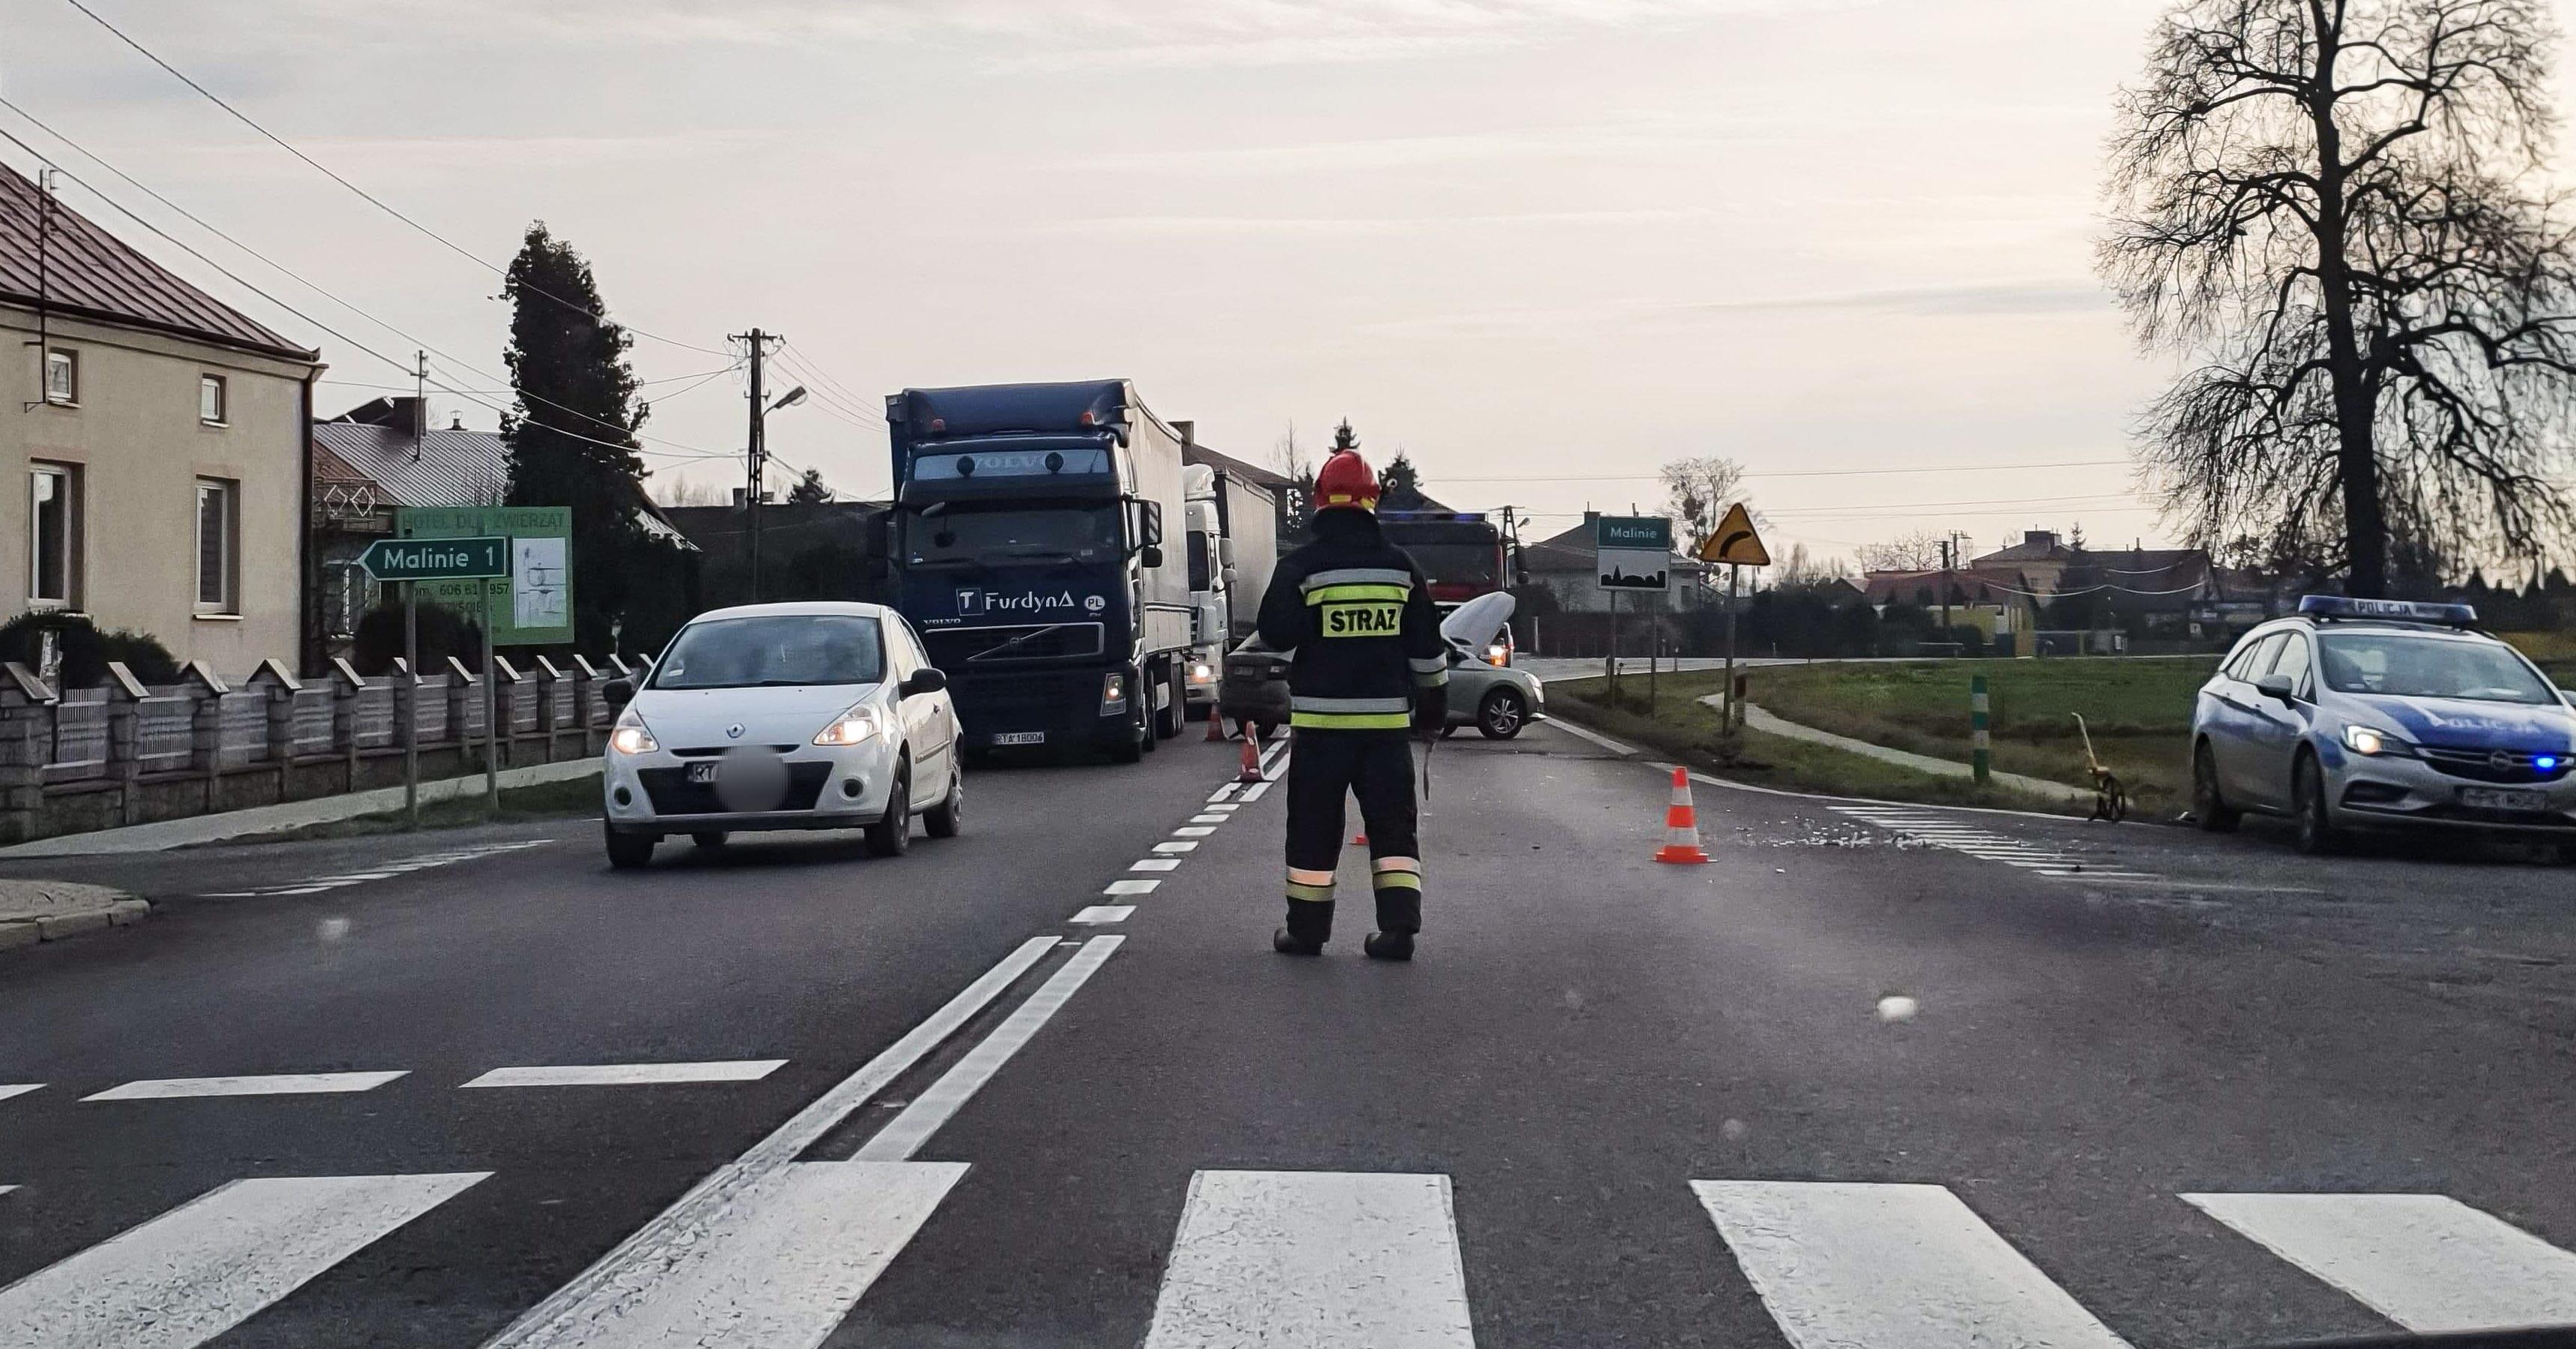 Utrudnienia na drodze Mielec - Tarnobrzeg! [FOTO, VIDEO] - Zdjęcie główne